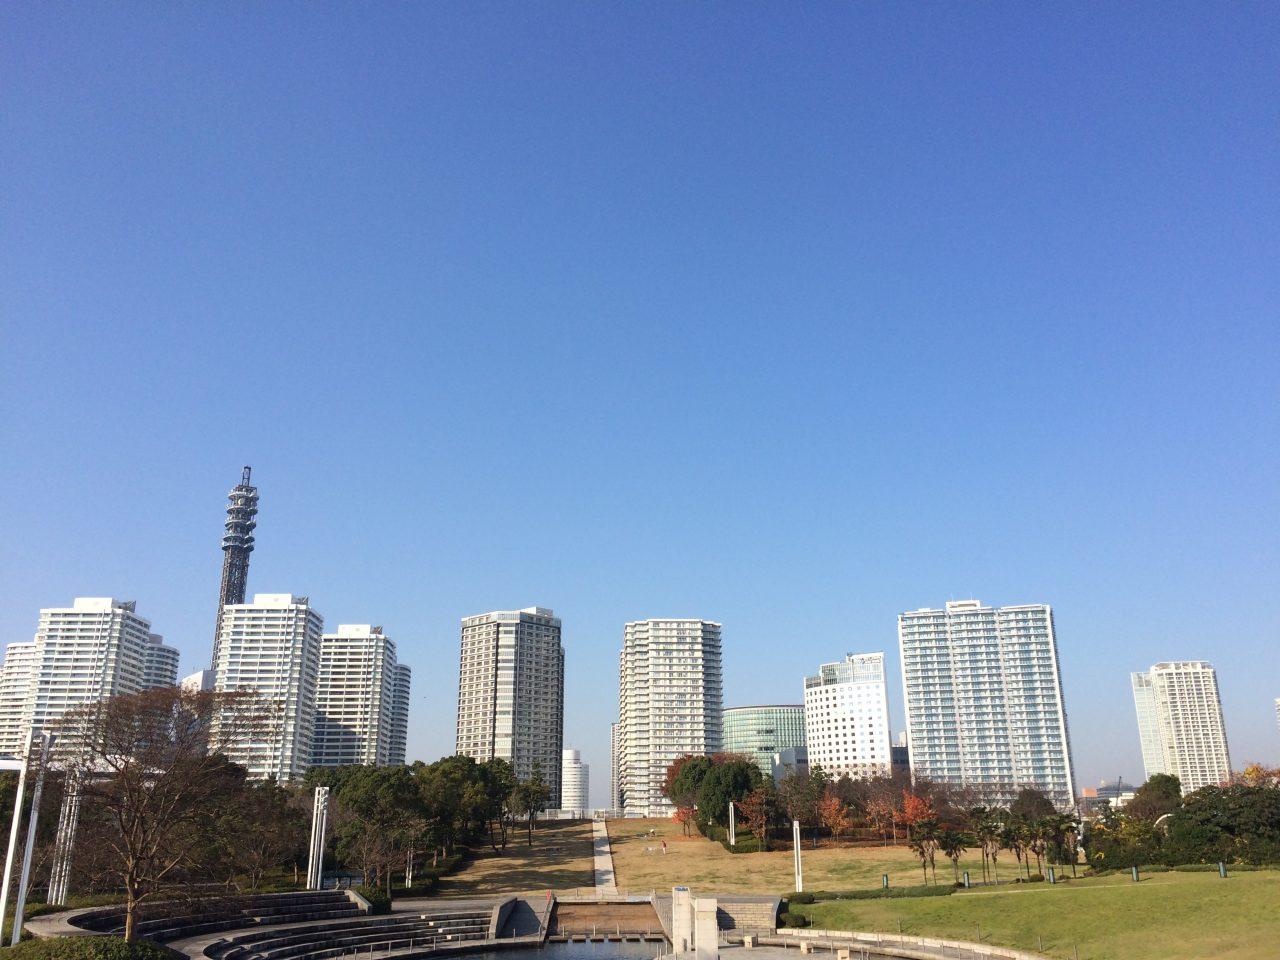 みなとみらいのタワーマンション街と公園2の写真